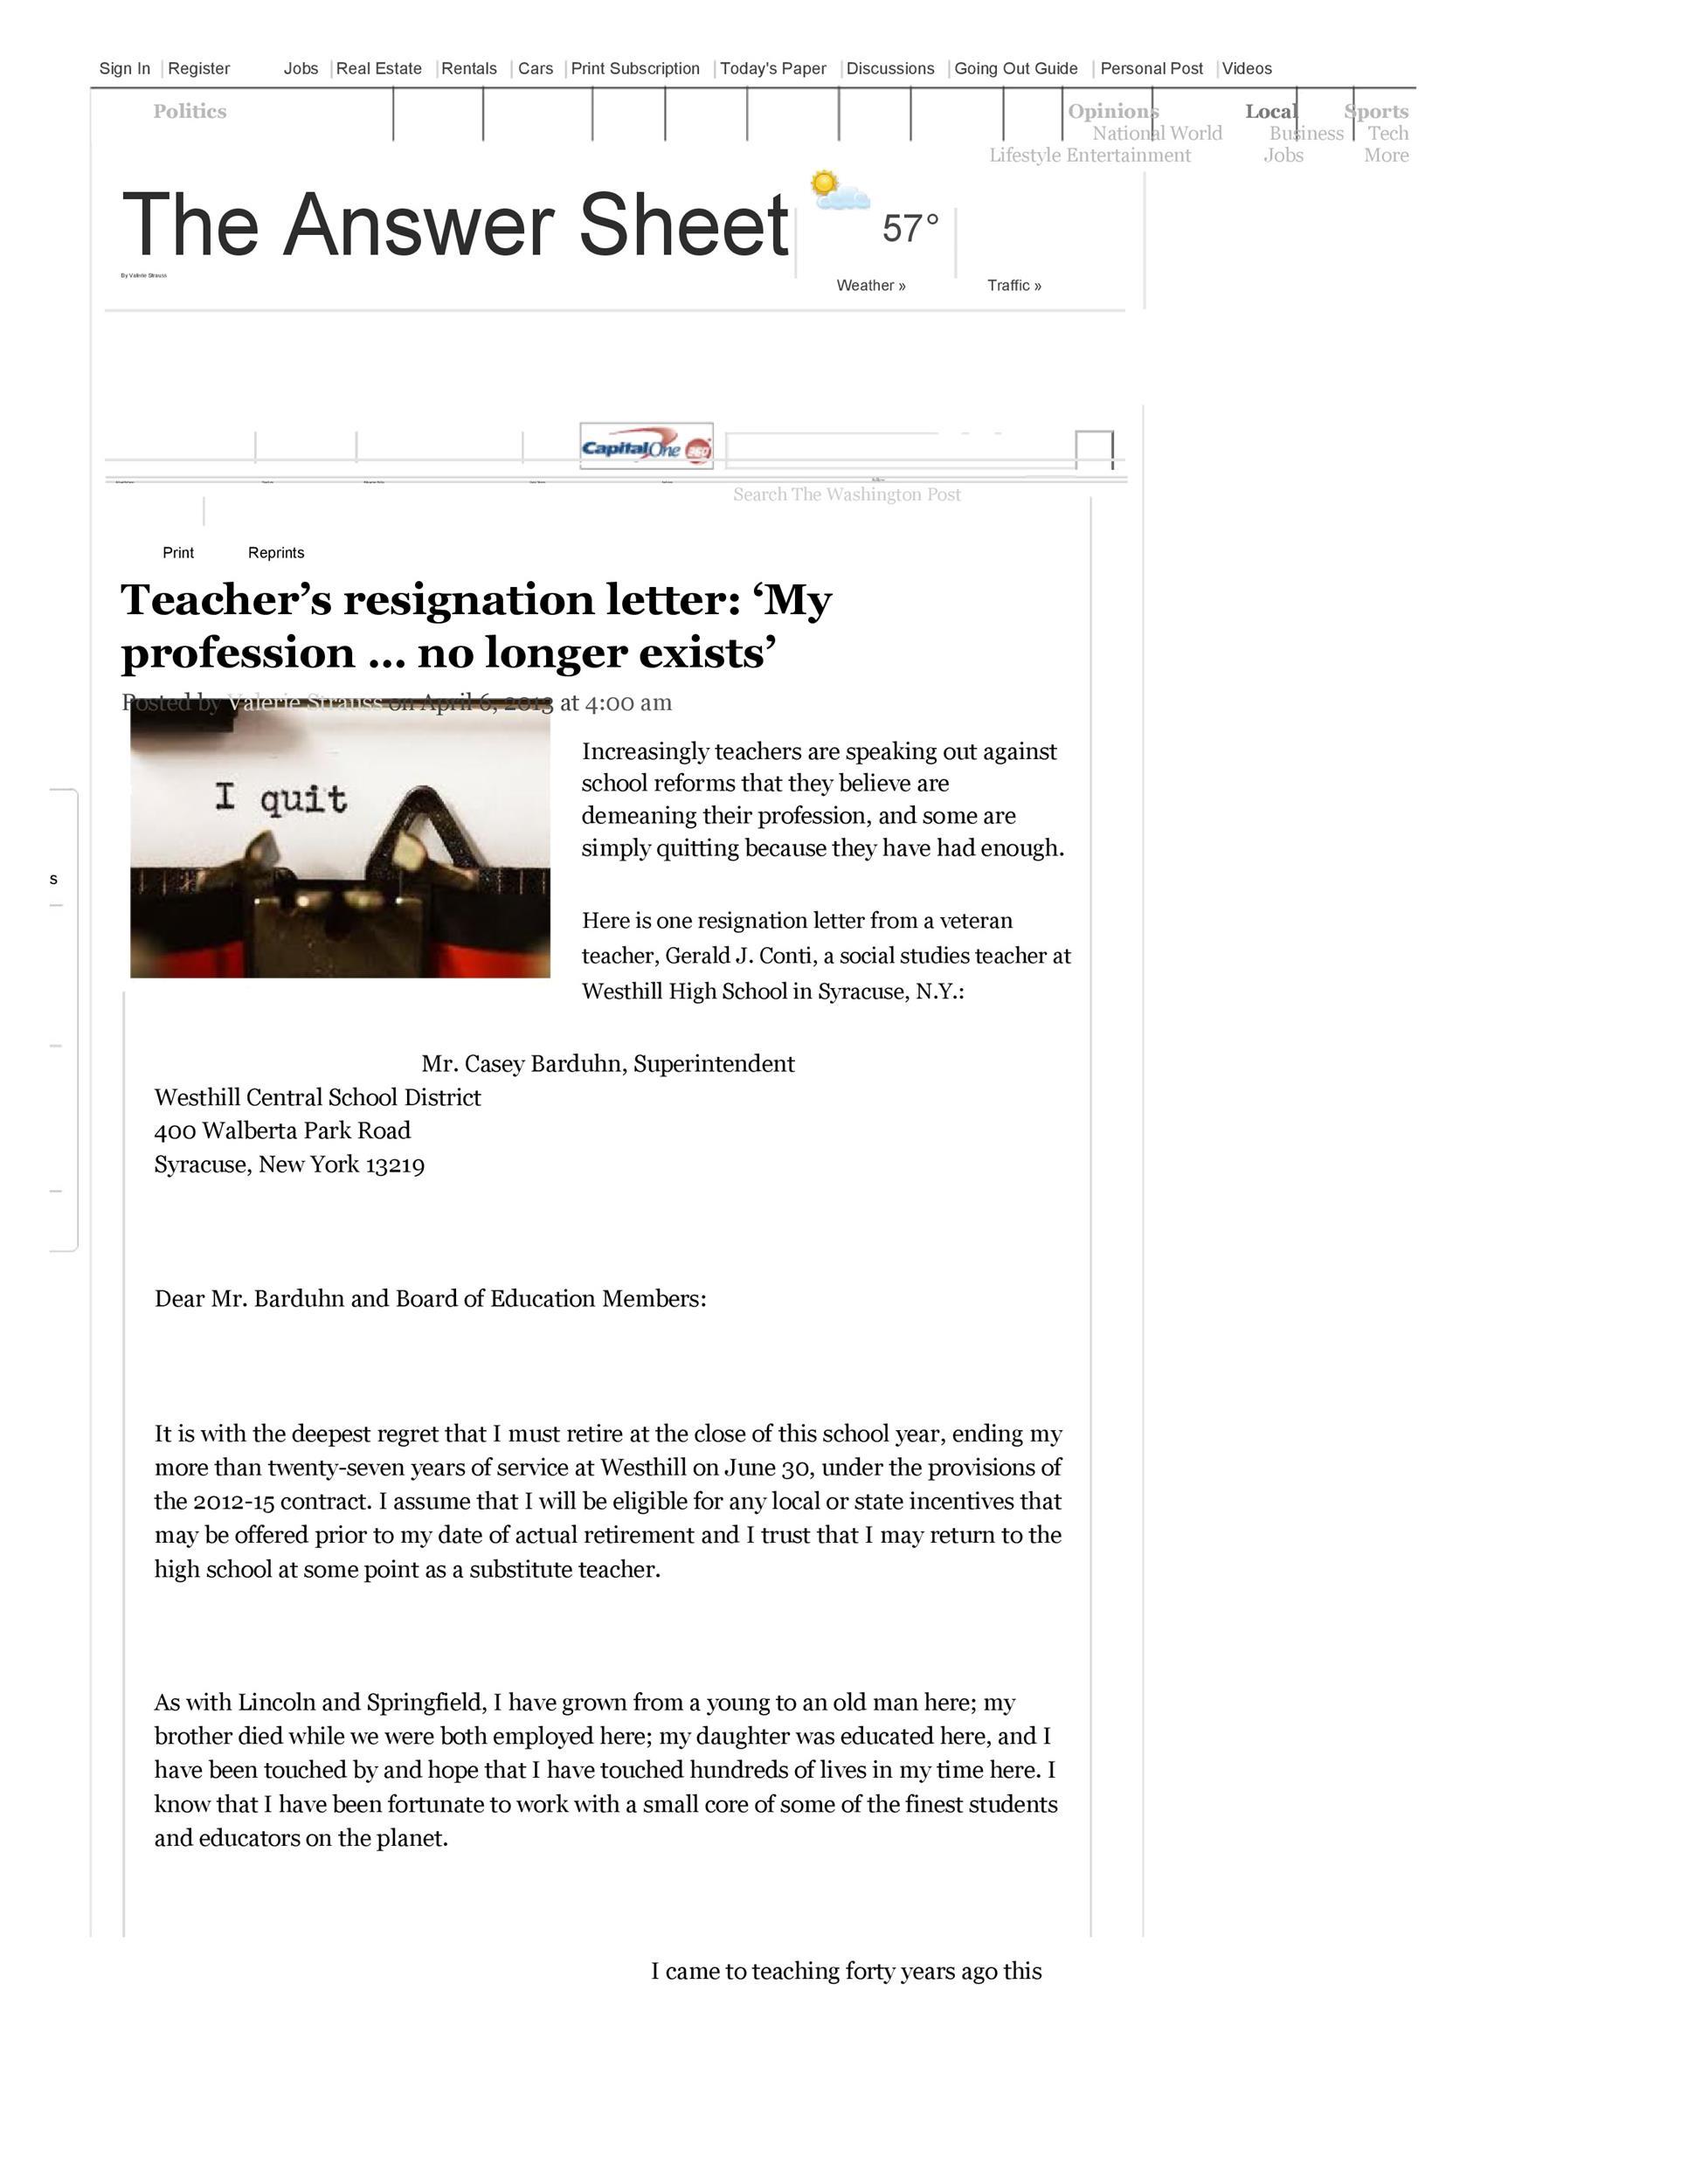 Free teacher resignation letter 38